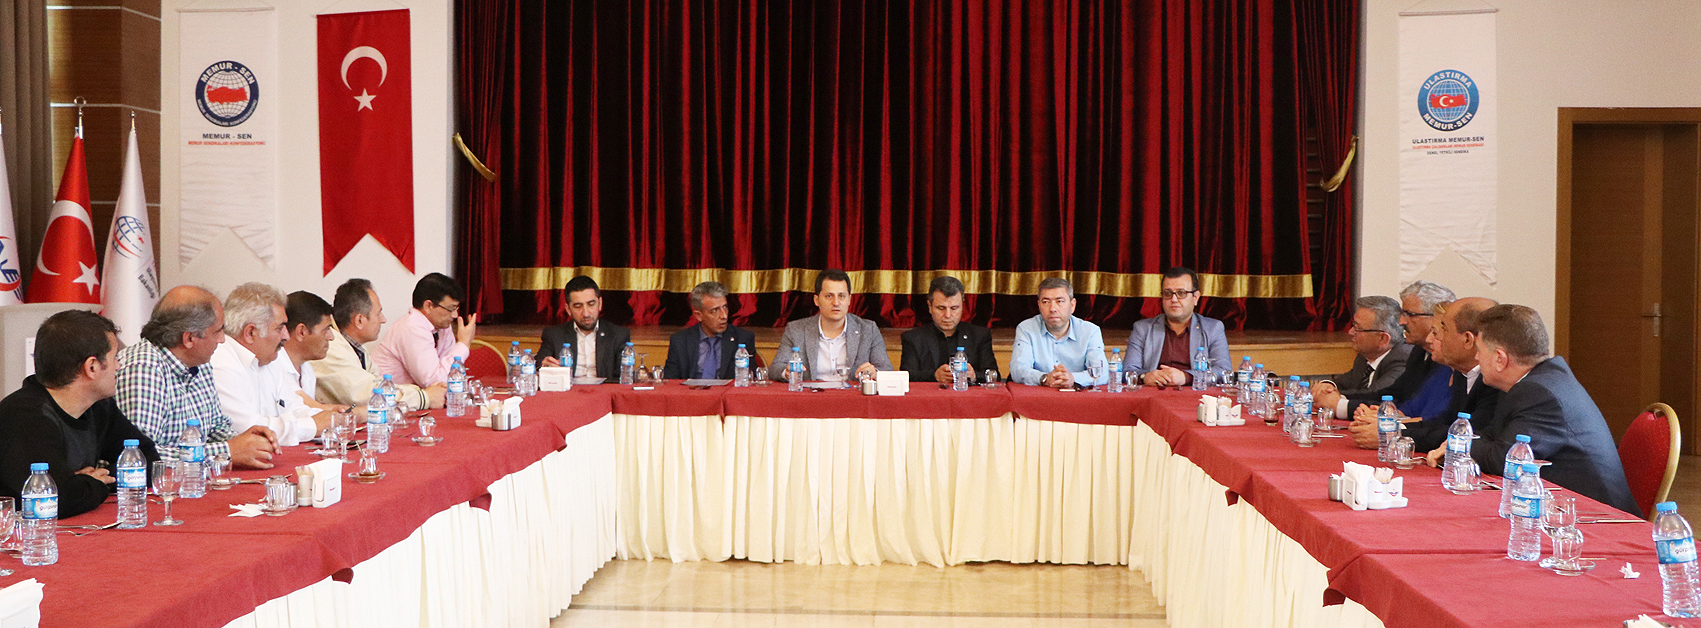 Genel Merkez Yönetimi, Engelliler Komisyonu Yönetimi ile Toplantı Yaptı